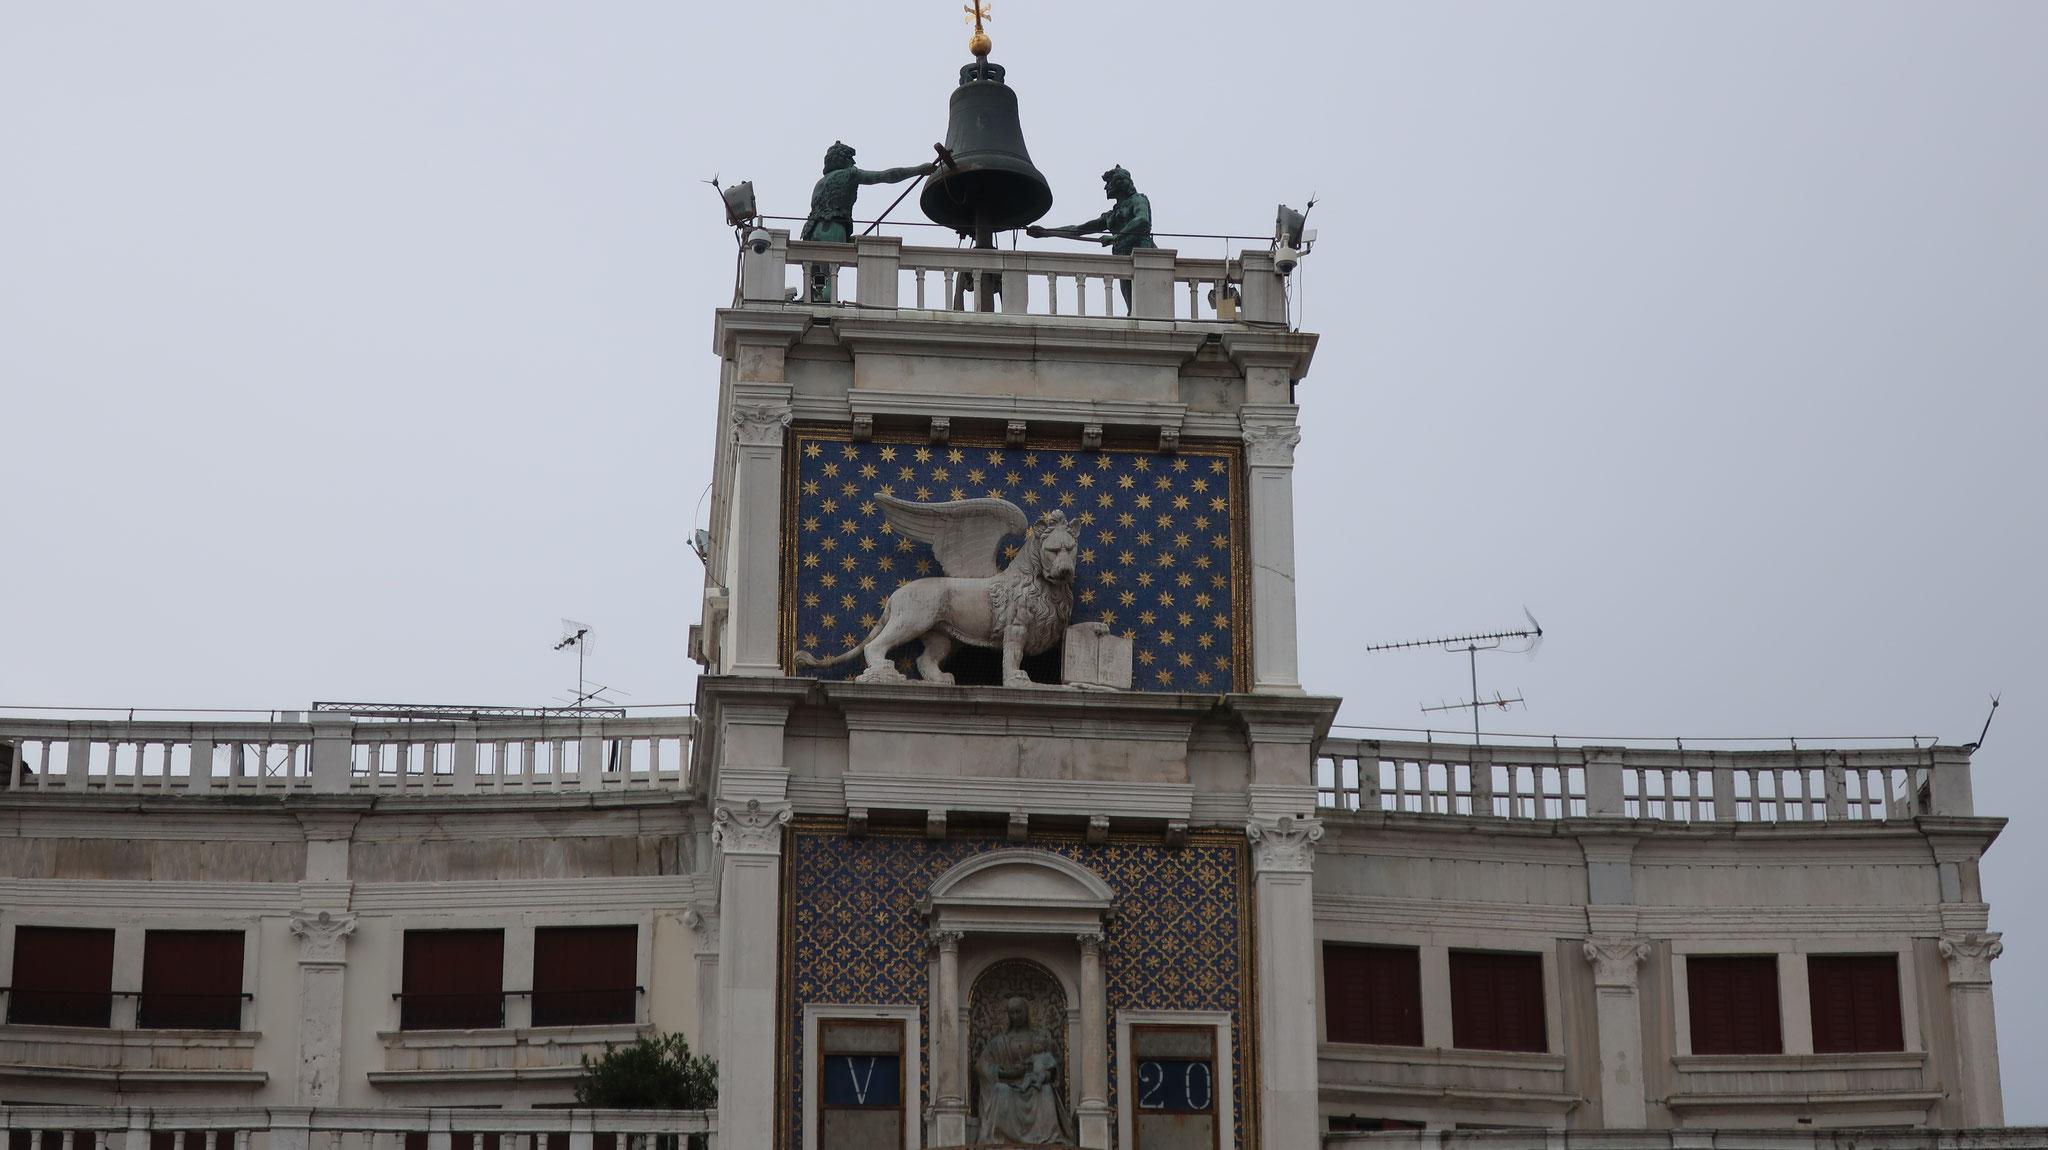 有翼のライオンと、鐘をつく二人のムーア人(本当はススで汚れた羊飼い)。